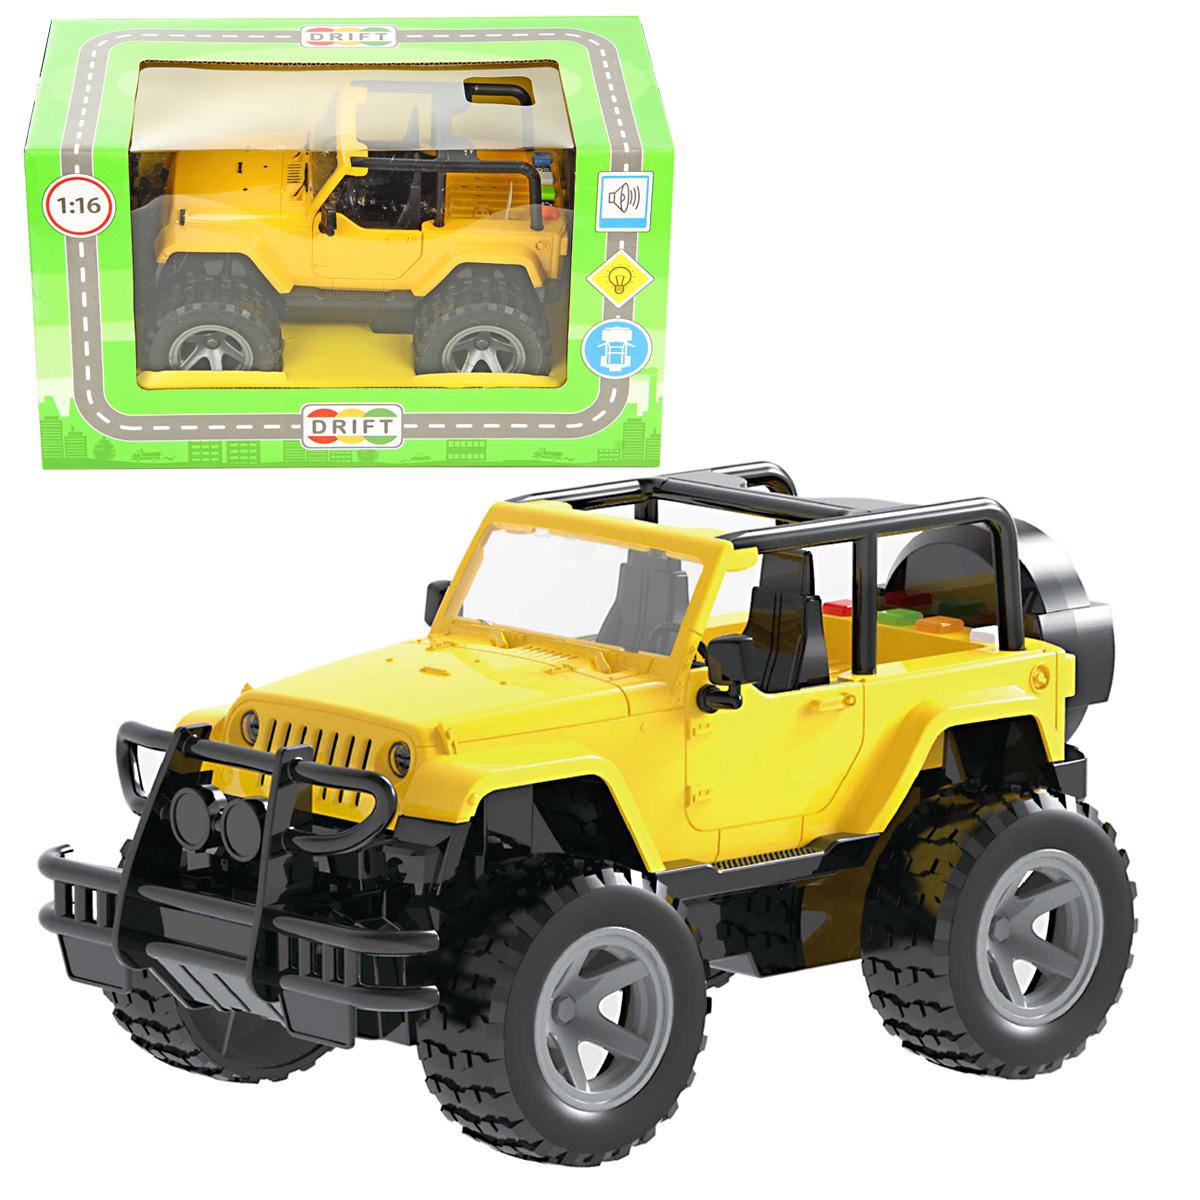 Drift Машинка Джип цвет желтый